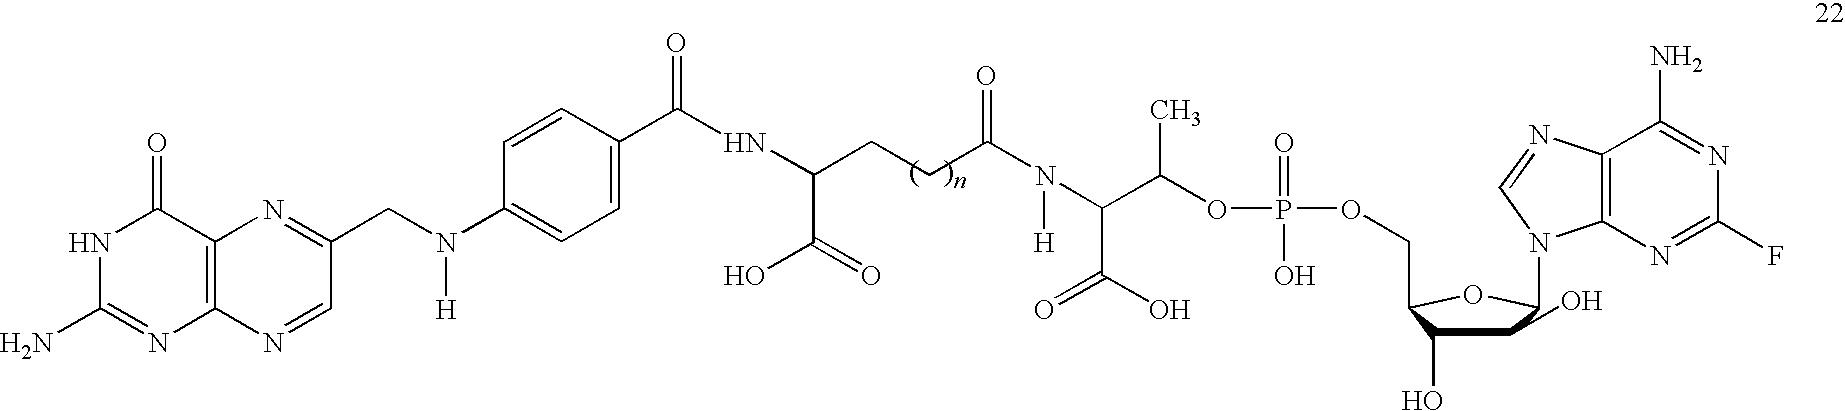 Figure US07833992-20101116-C00024